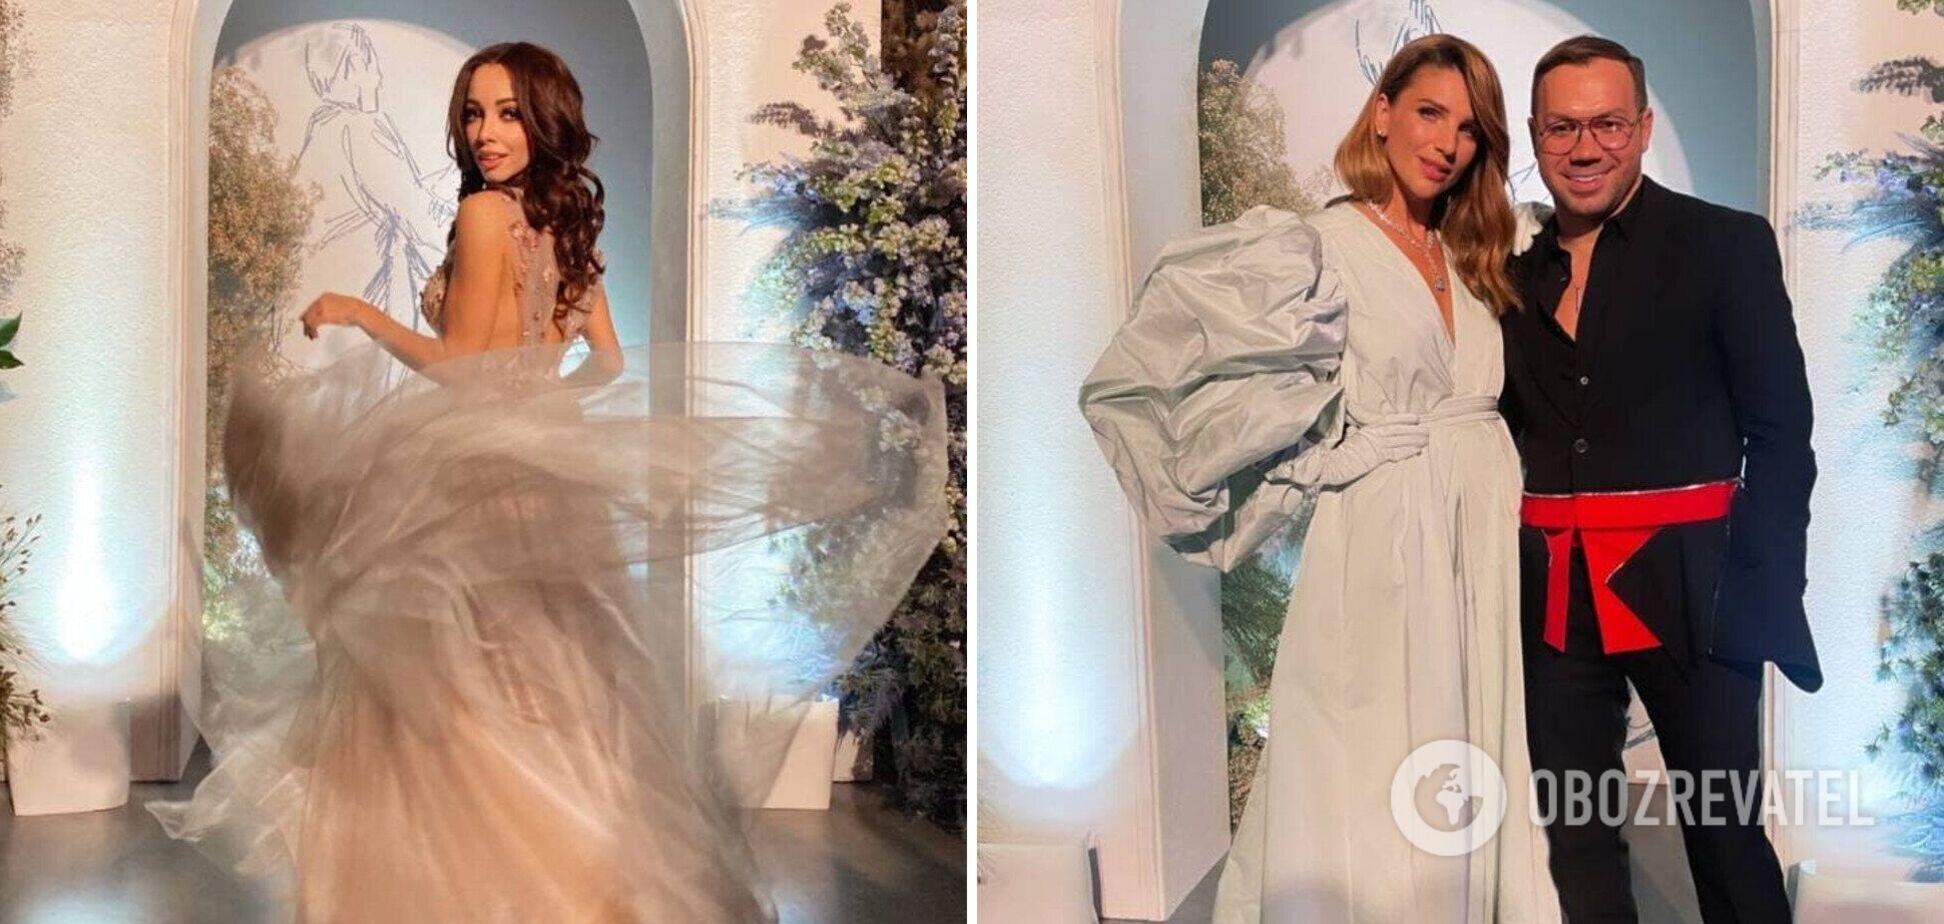 Украинские звезды в роскошных нарядах посетили бал известного дизайнера. Фото и видео